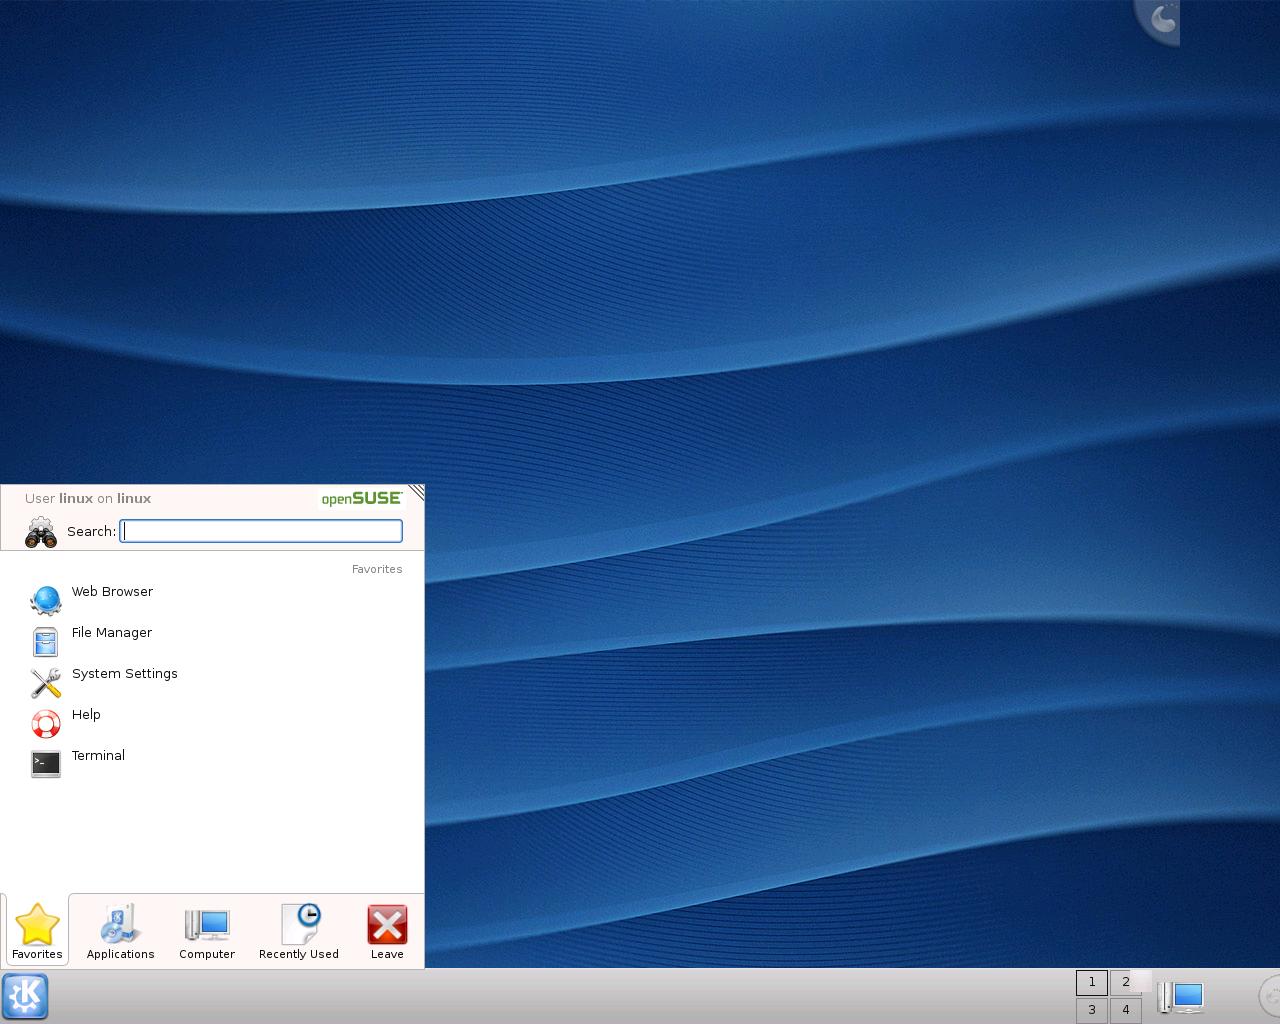 Erste Vorschau auf KDE 4.1 veröffentlicht - KDE 4.1 Alpha 1